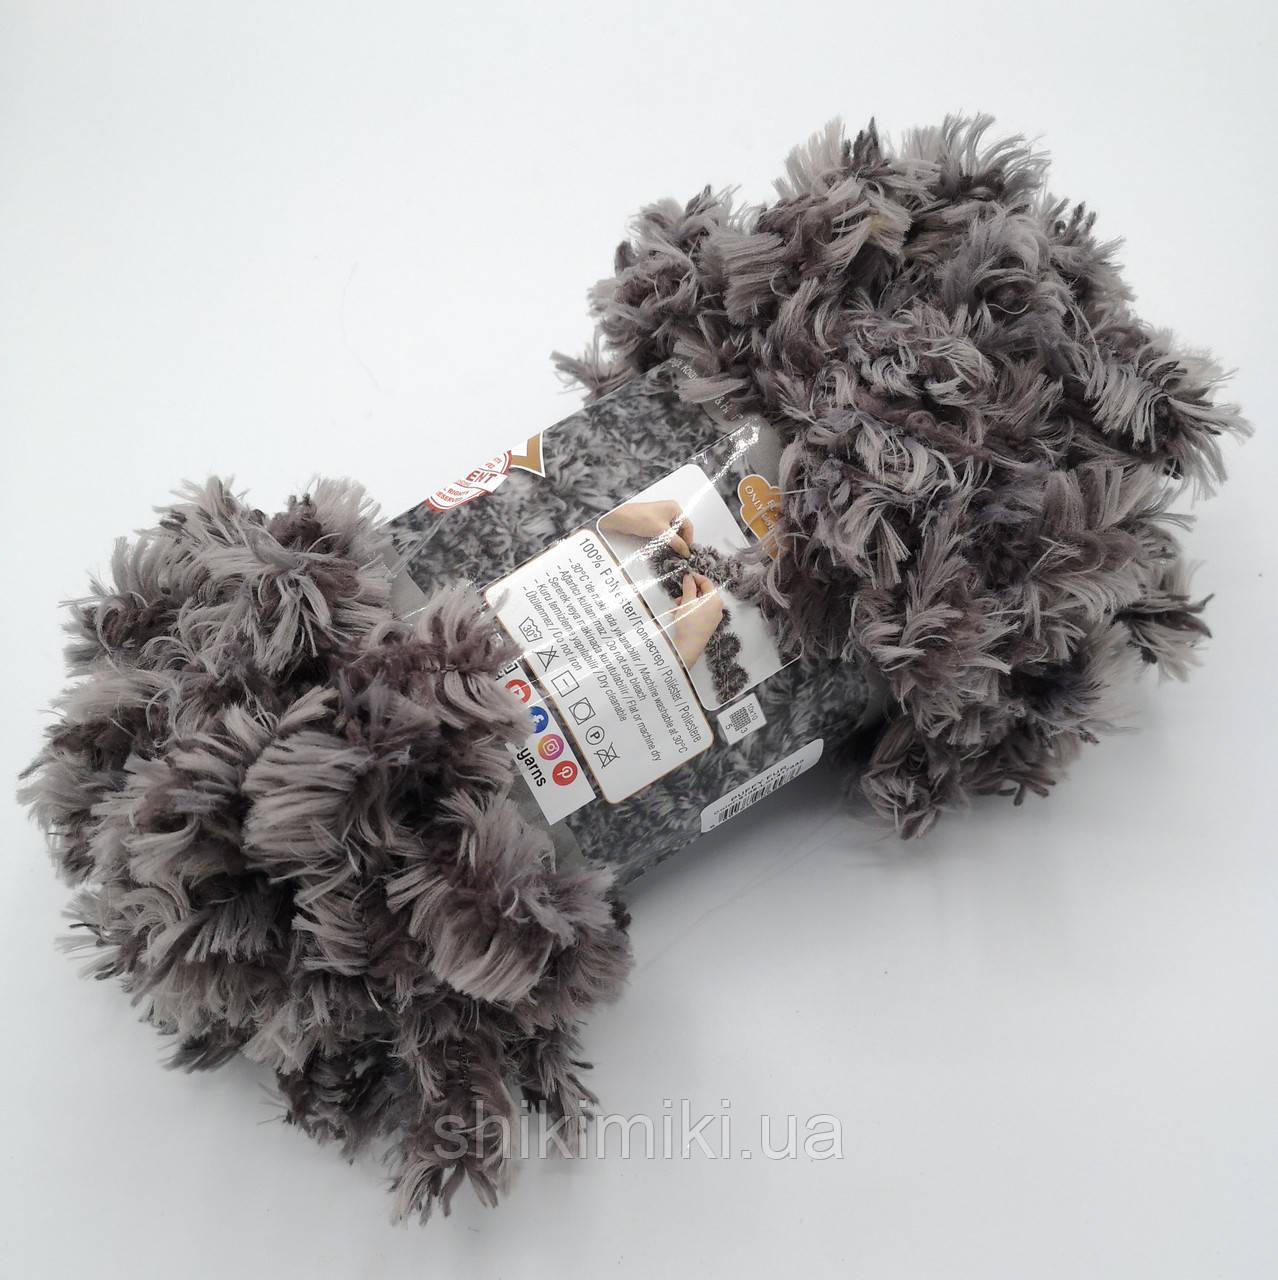 Фантазийная меховая пряжа Puffy Fur, цвет серый